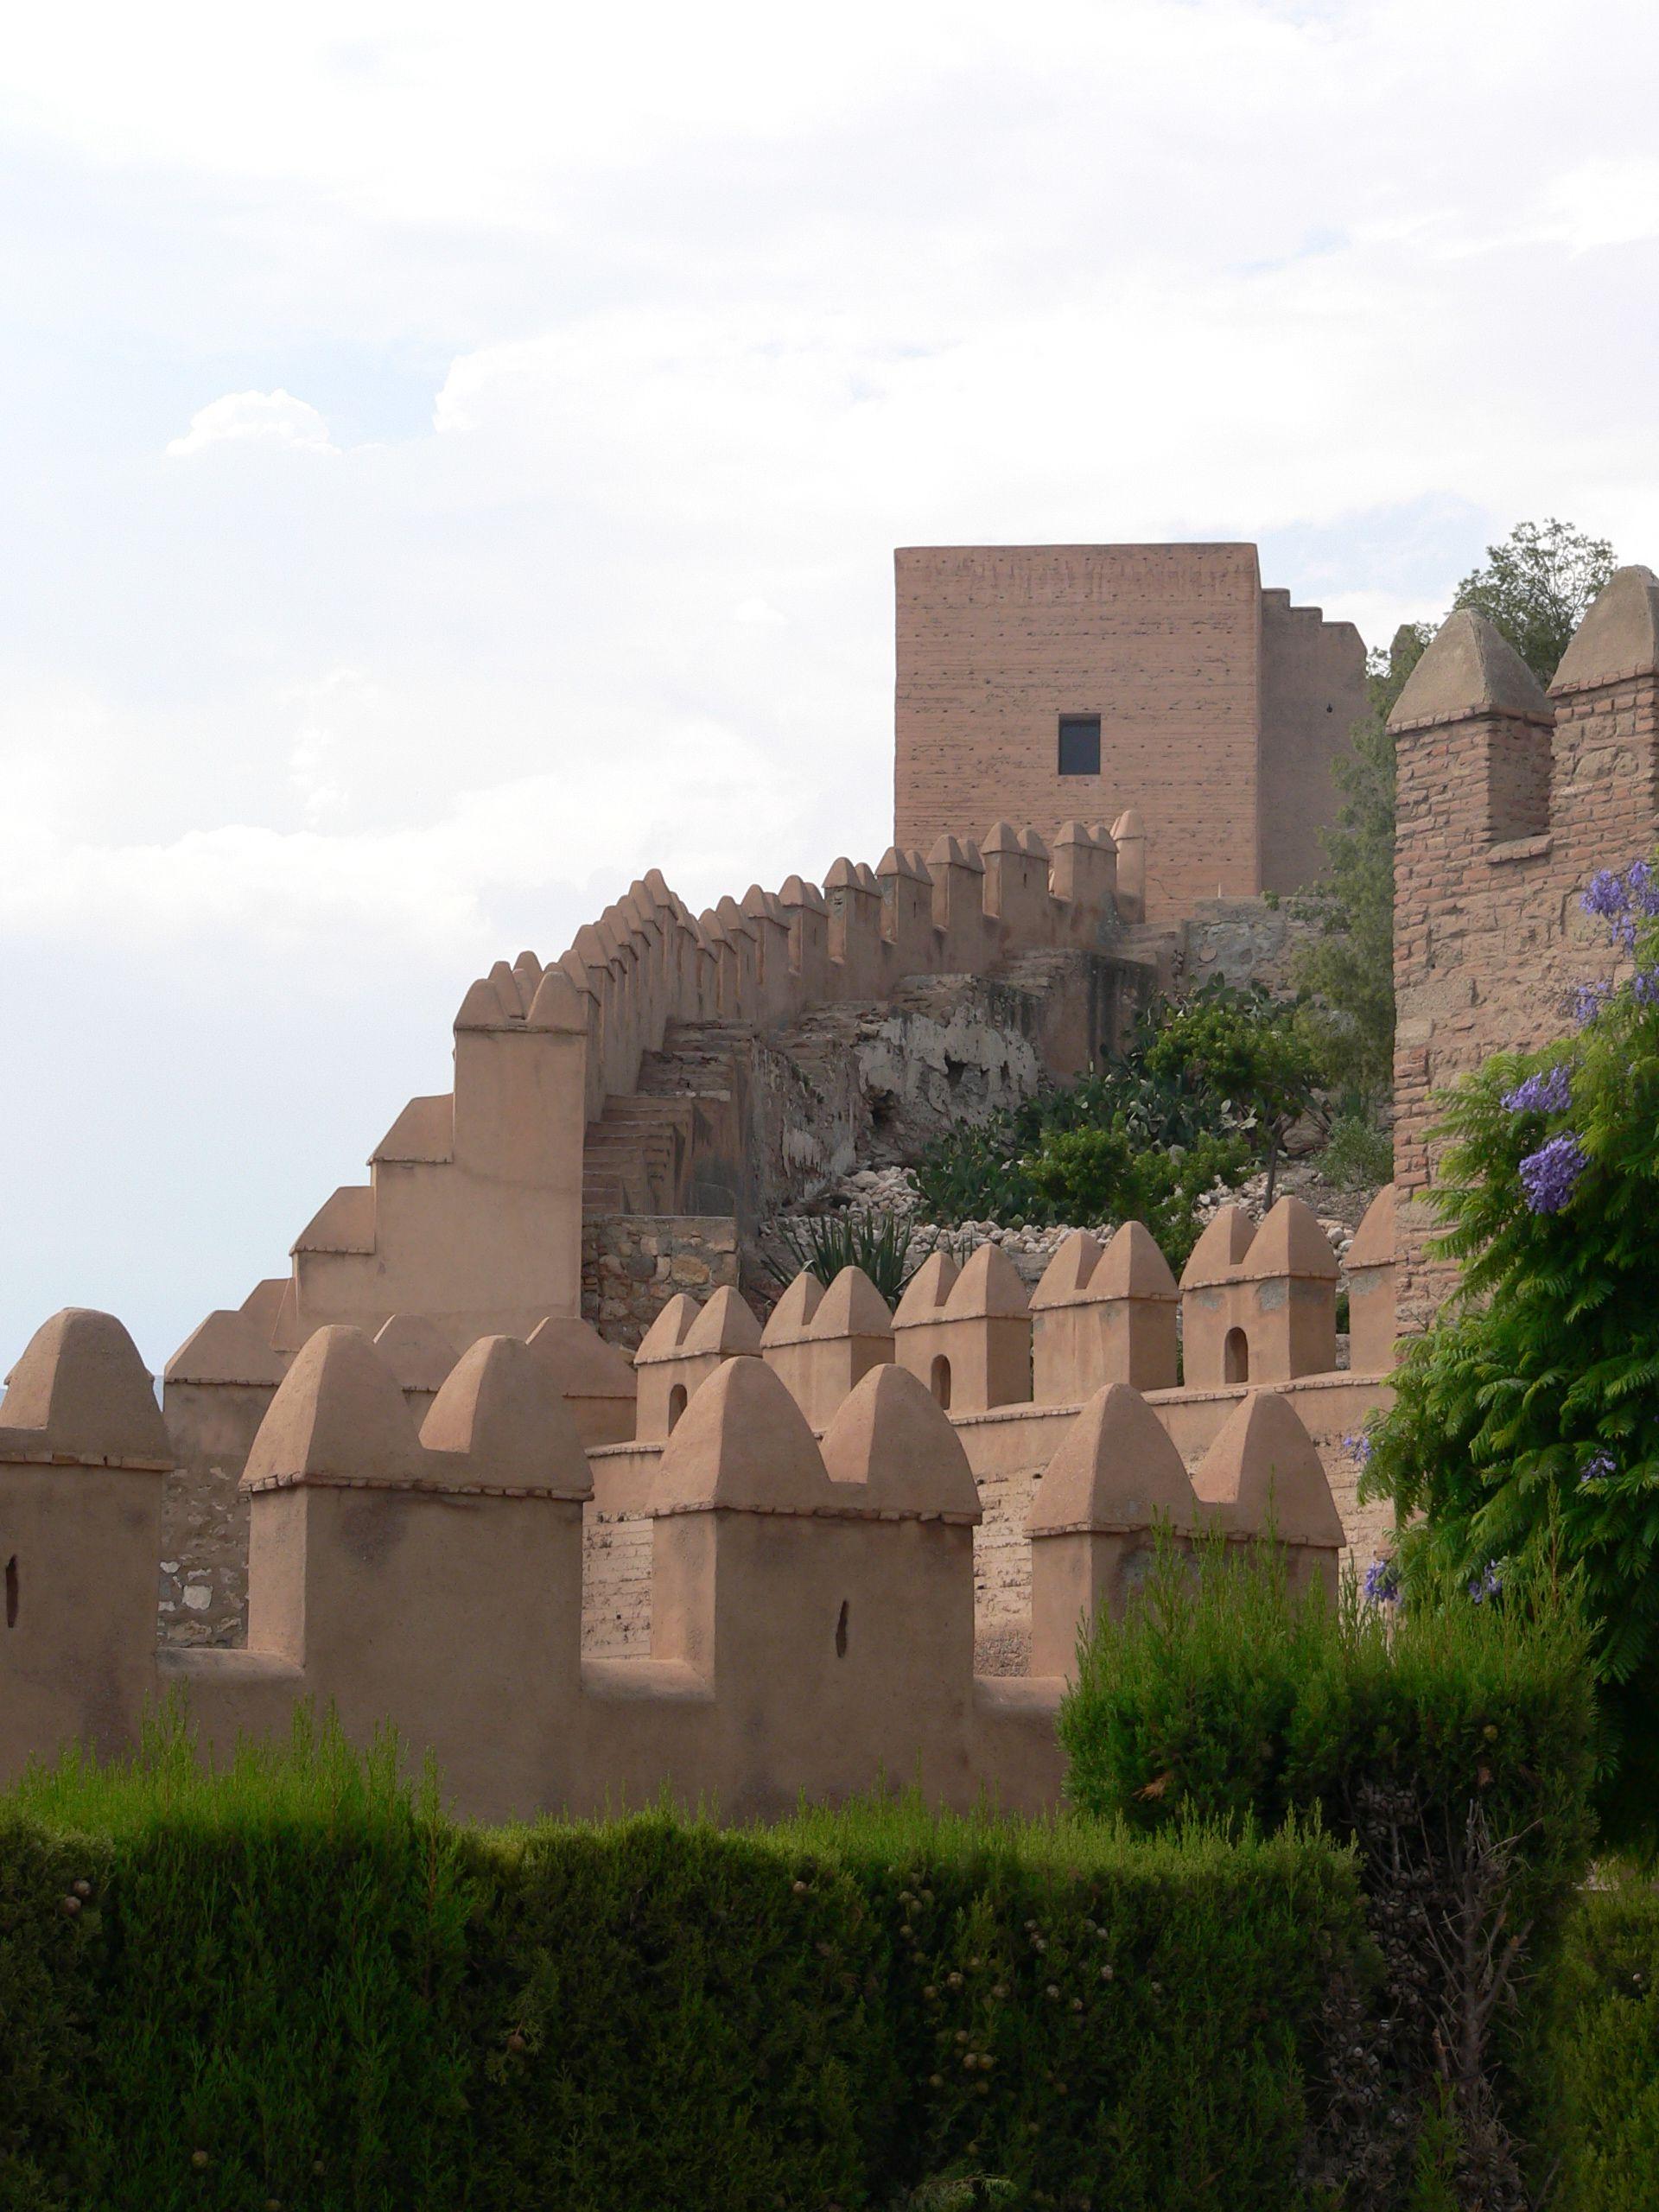 CASTLES OF SPAIN - Alcazaba de Almería,Andalucía, España. Fue en el año 955 cuando el primer califa de Al-Ándalus, Abd al-Rahman III, mandó construir la Alcazaba sobre los restos de una fortaleza anterior. La Alcazaba fue una fortaleza militar y sede del gobierno. Desde este lugar se domina la ciudad y el mar. Se perfeccionó todo el conjunto y se engrandeció con Almanzor y más tarde alcanzó su máximo esplendor con Al-Jairán, primer rey independiente de la taifa almeriense..(1012–1028).